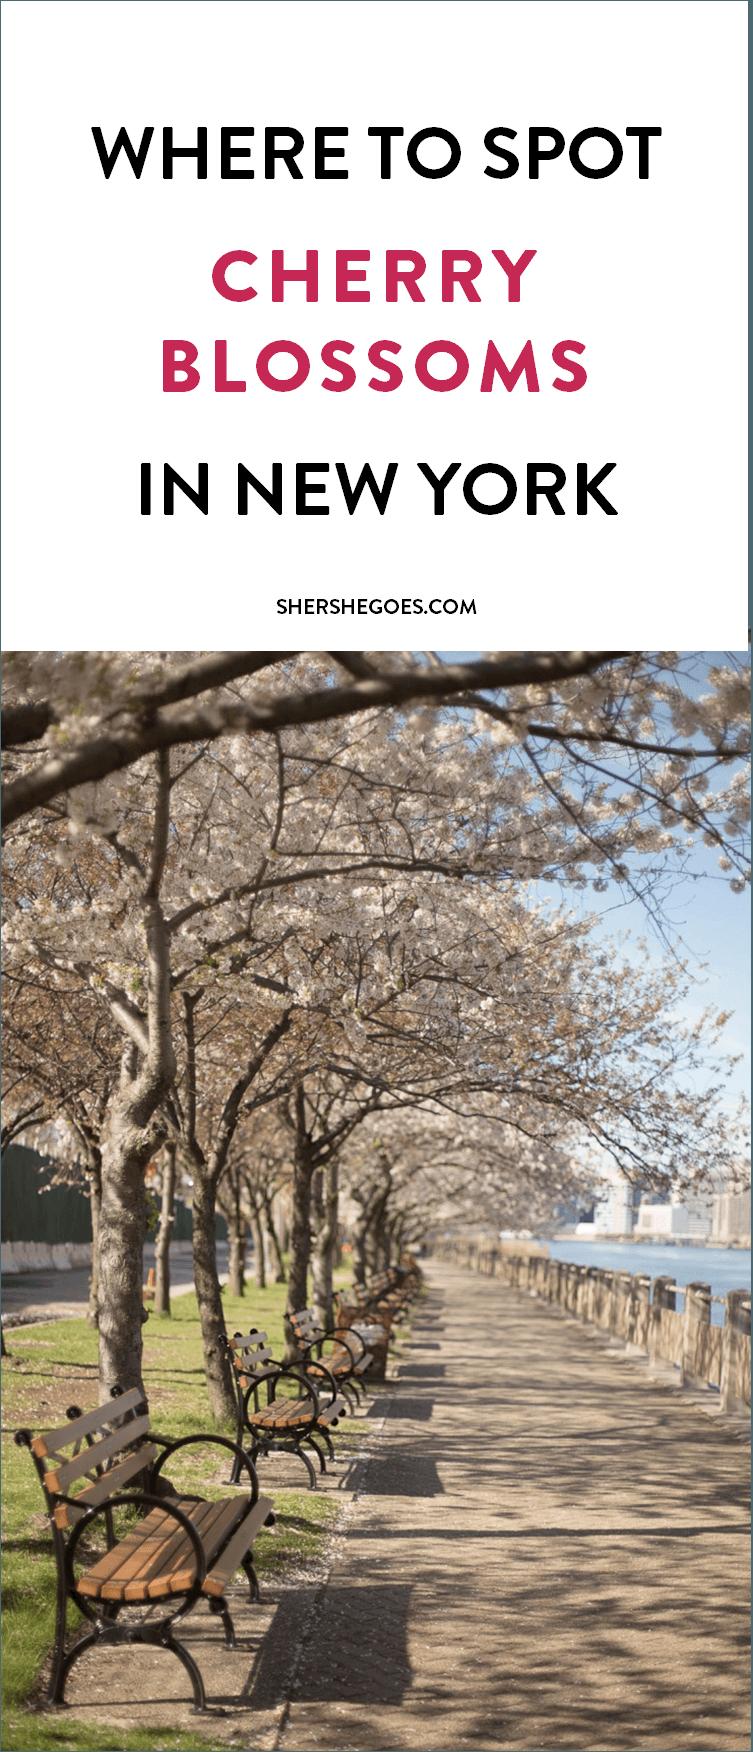 NYC Cherry Blossom guide shershegoes.com